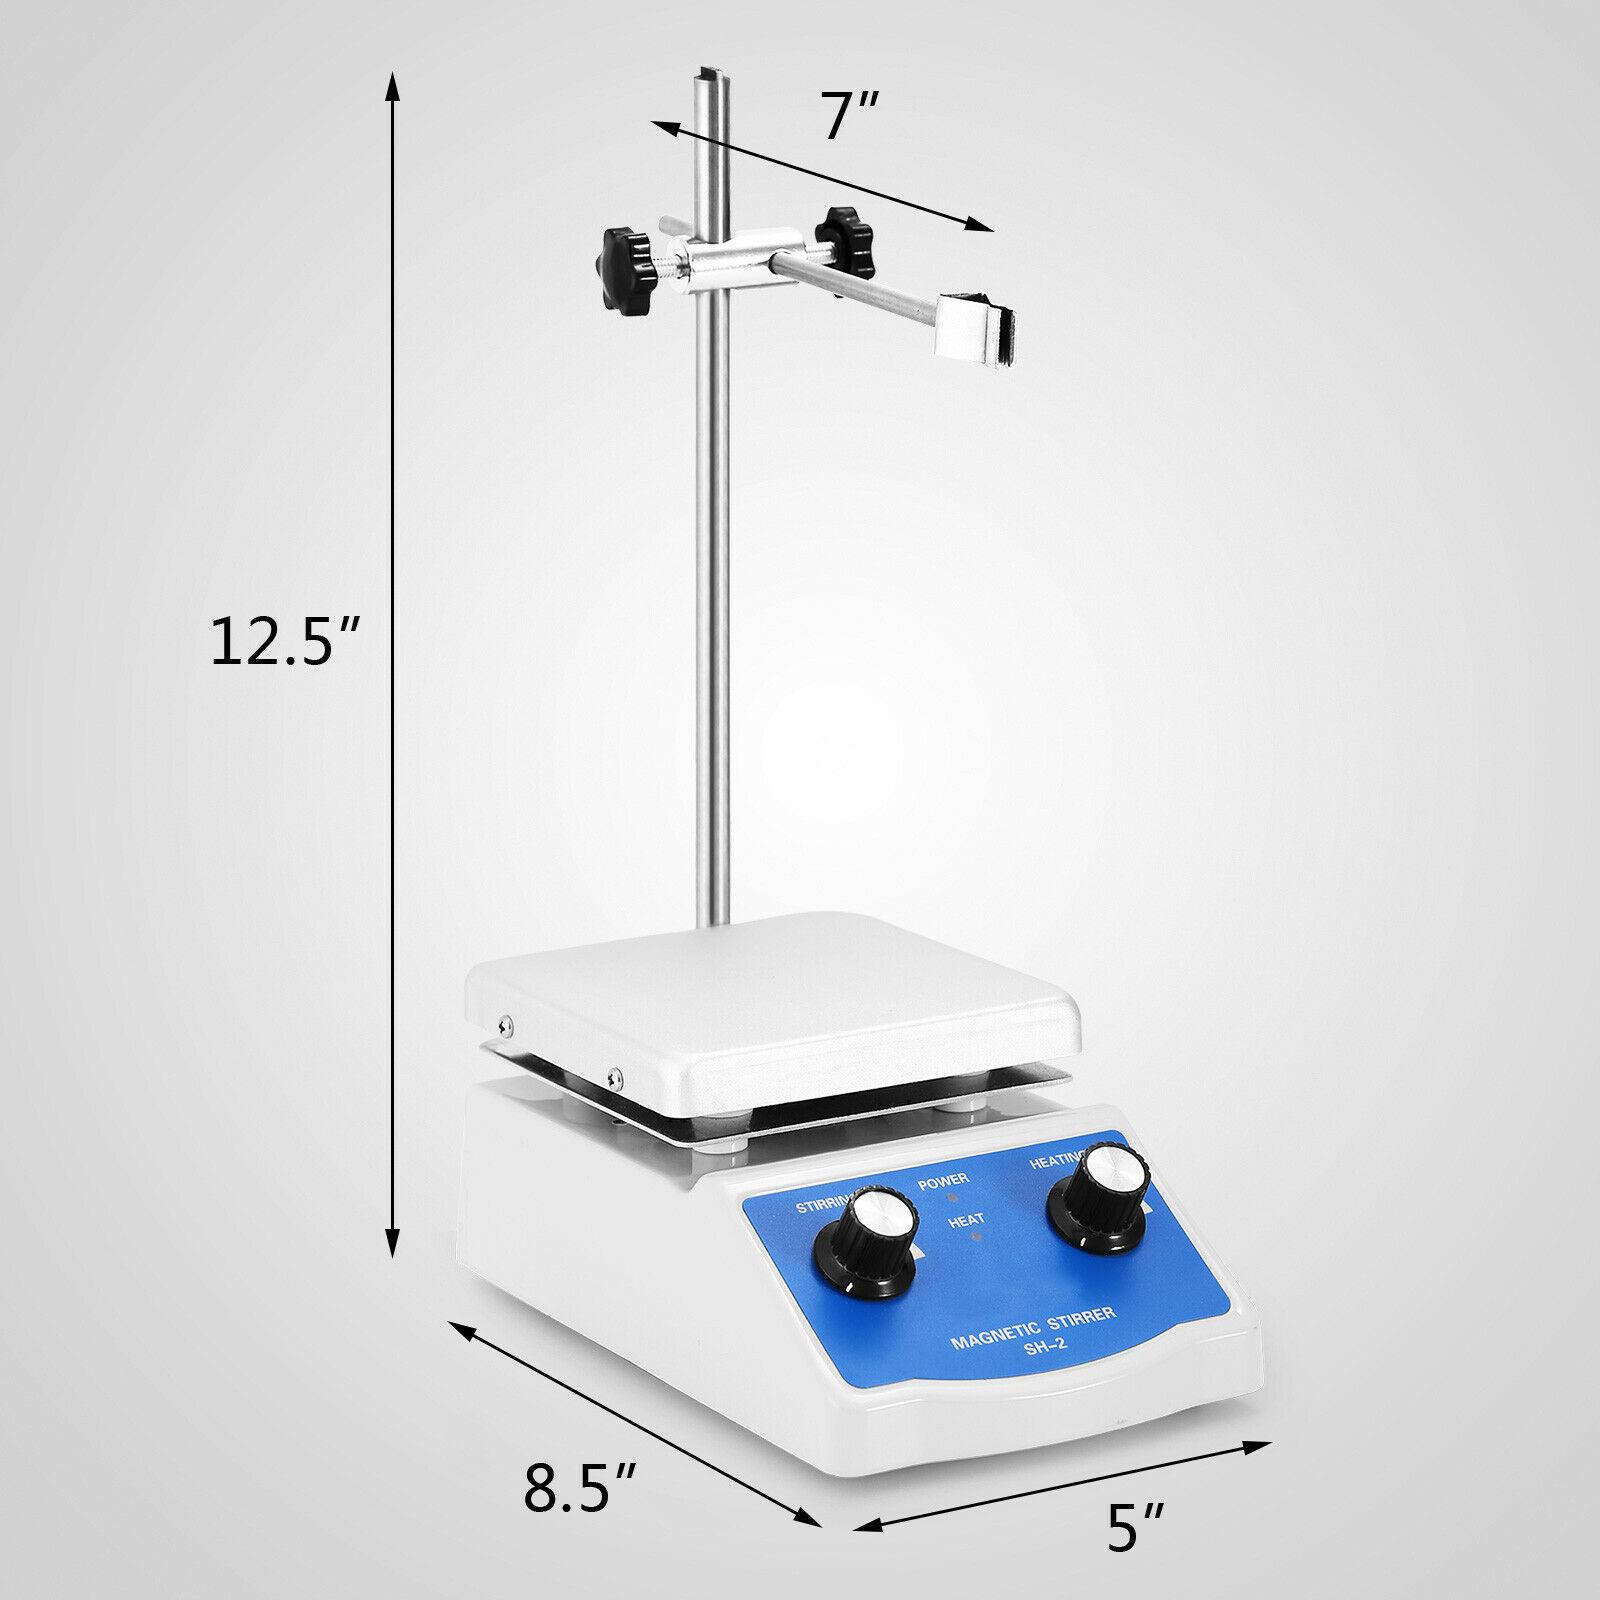 Sh 2 Магнитная мешалка с горячей плитой с двойным управлением нагревательный держатель для перемешивания лаборатория - 2